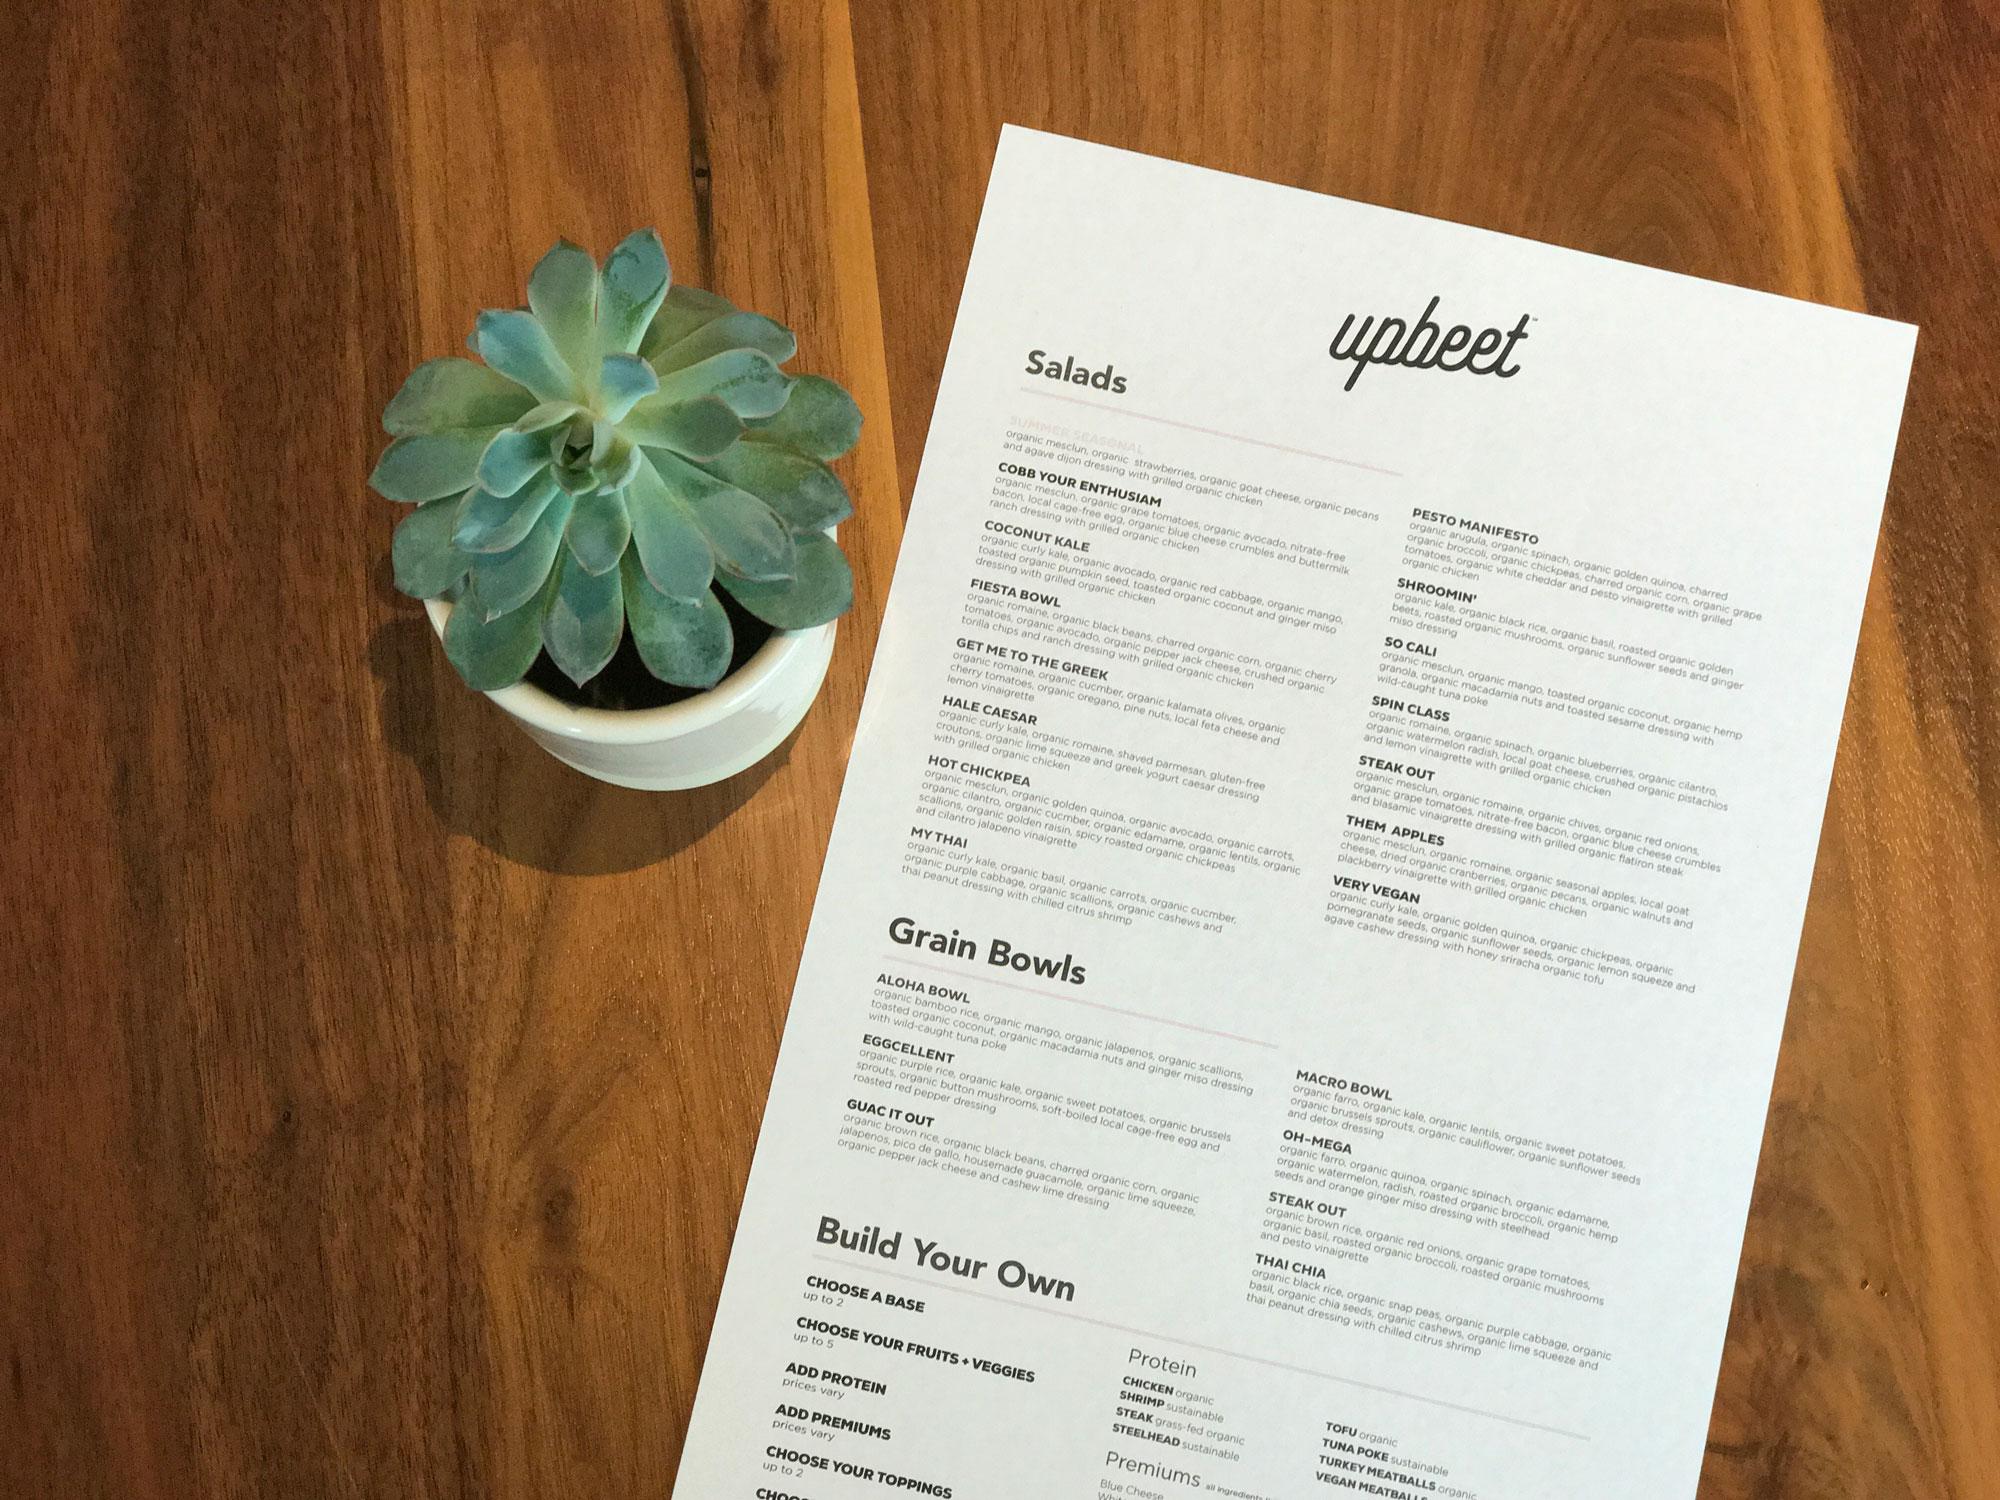 Upbeet! menu